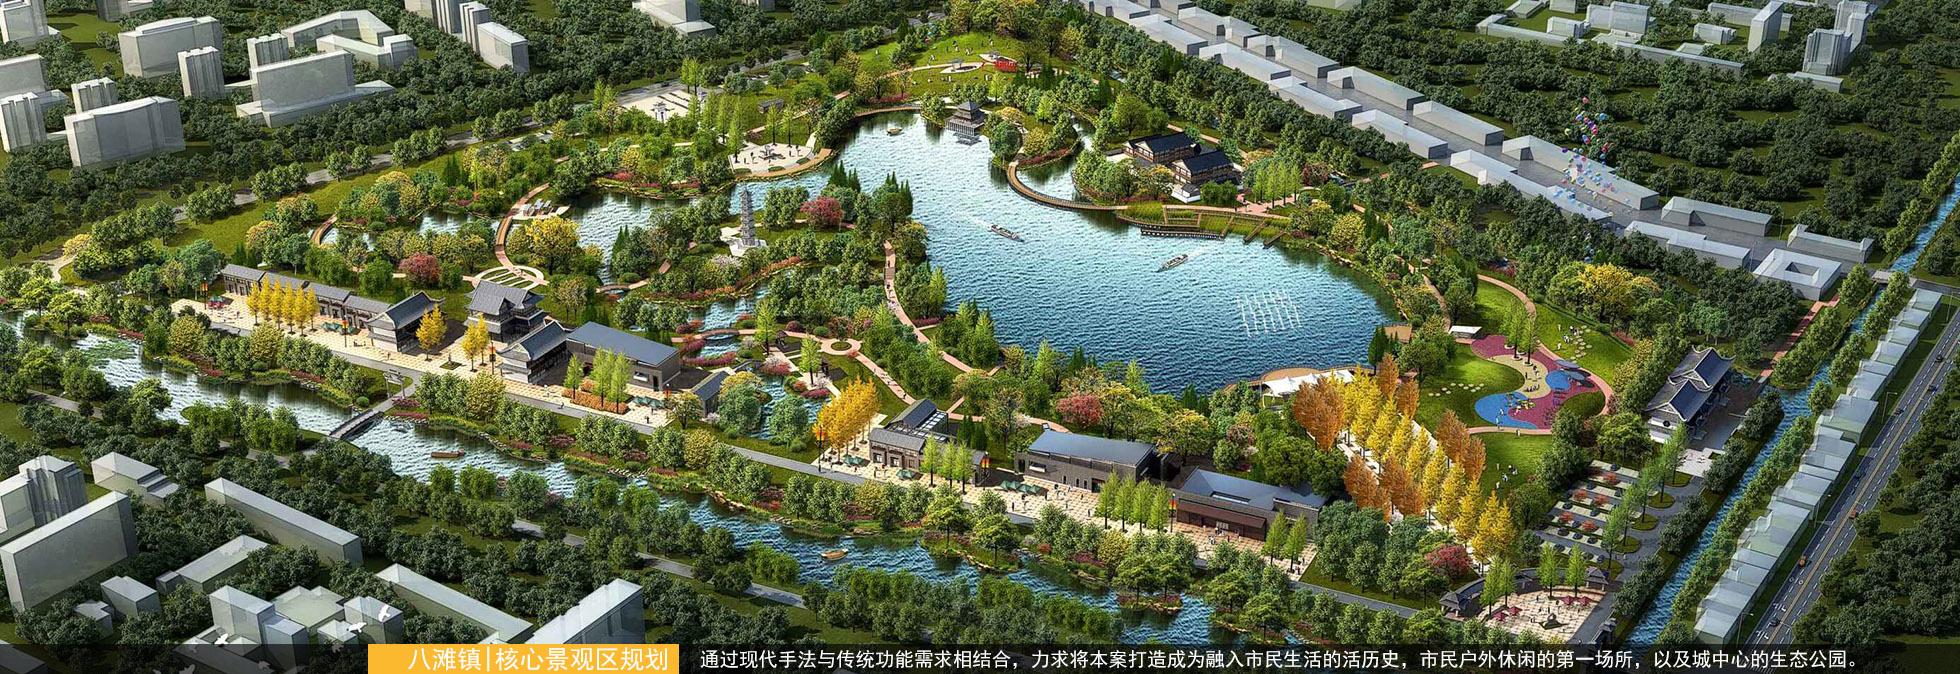 八滩镇核心景观区规划